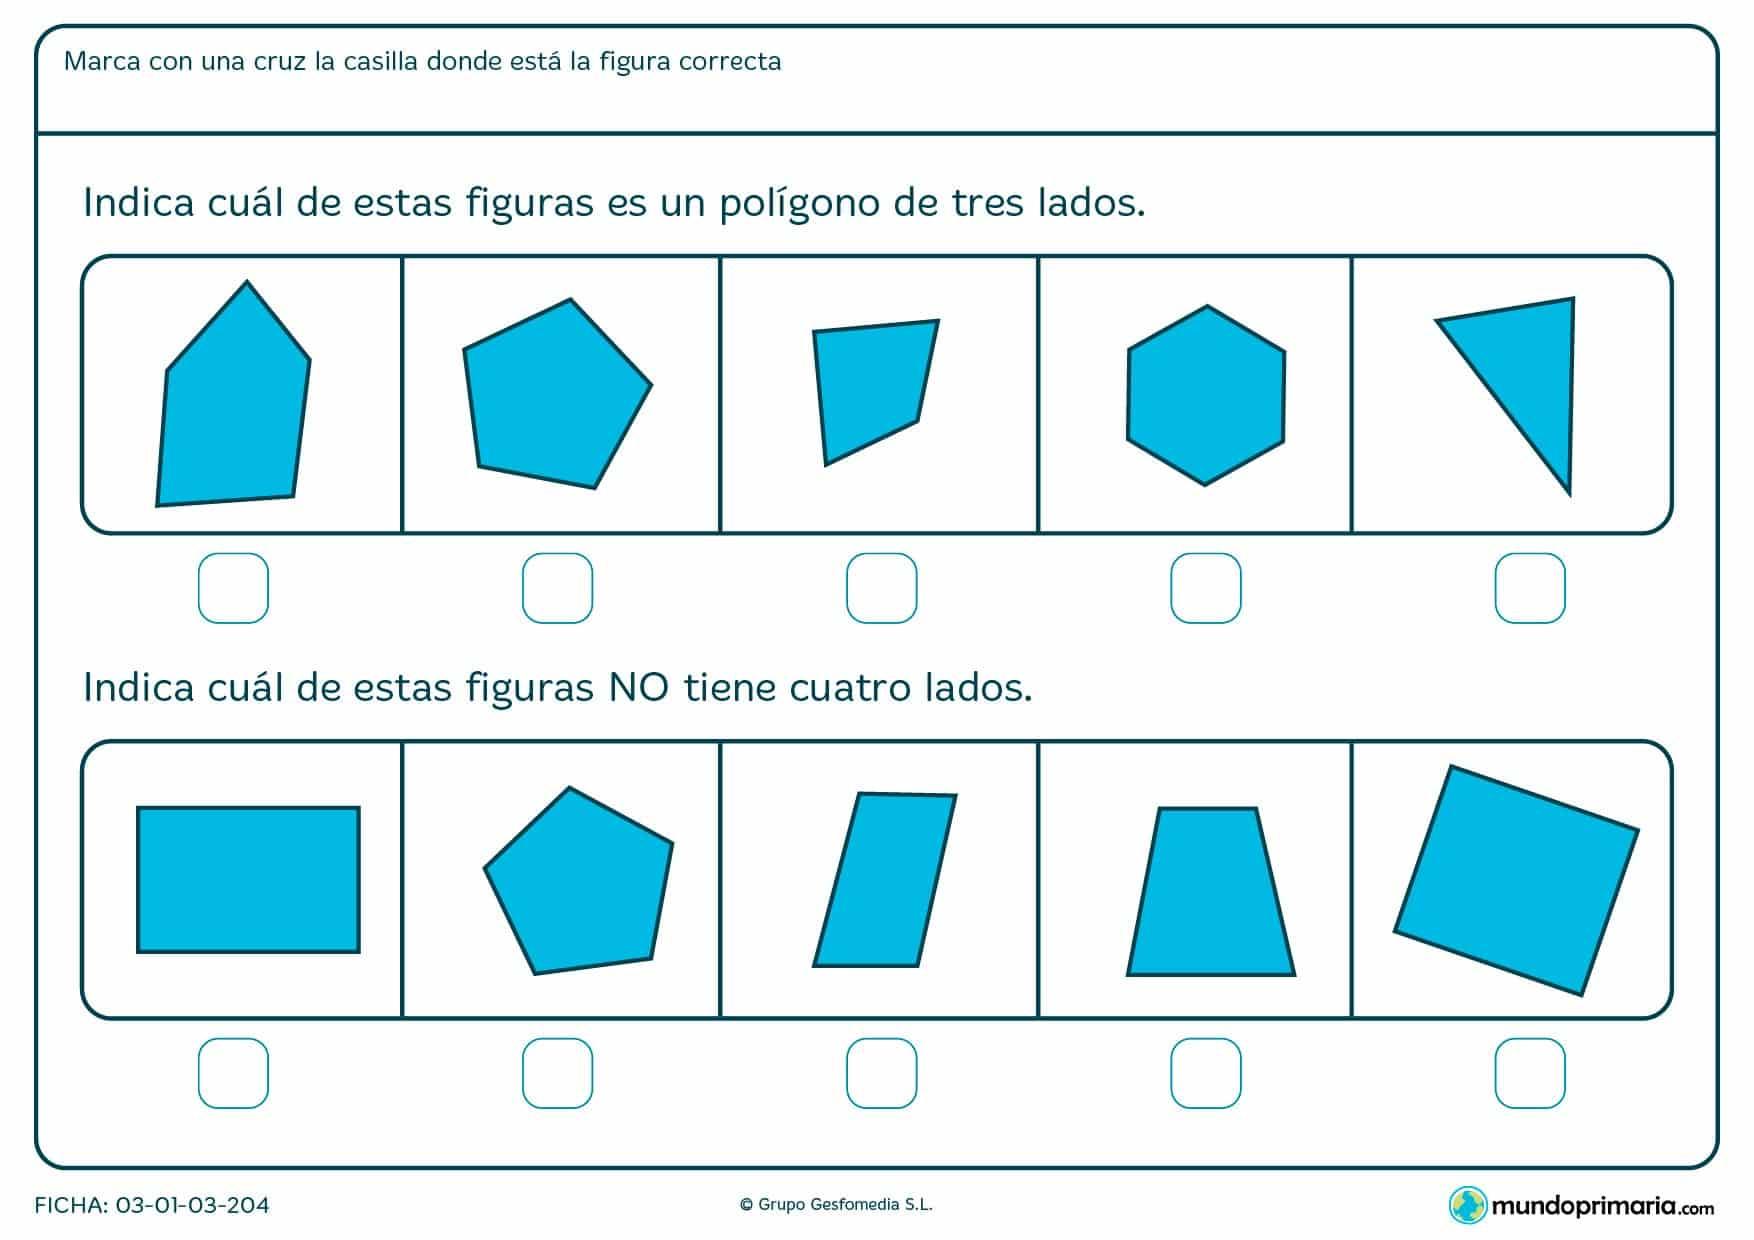 Ficha de imagen de cuatro lados en el que los niños de primero de primaria realizan ejercicios que ayudan a distinguir polígonos de distintos lados.